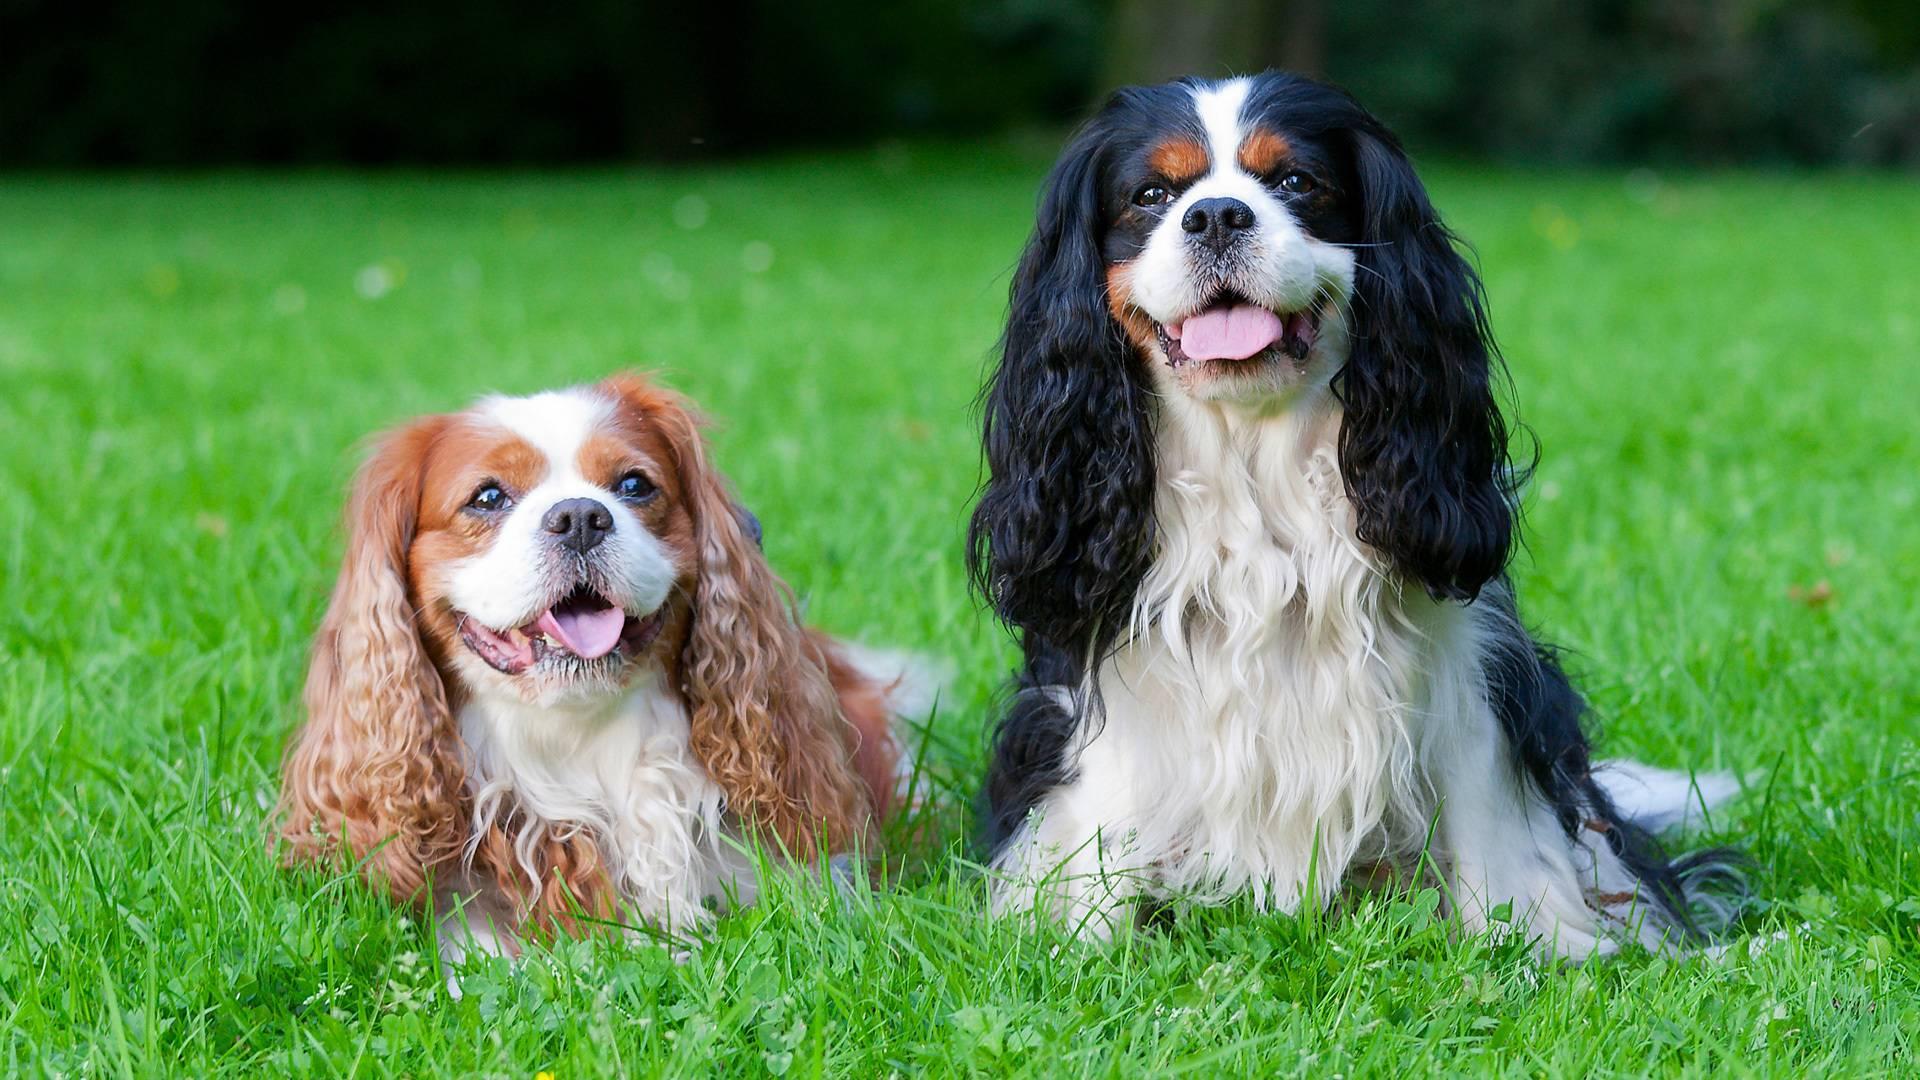 Кавалер-кинг-чарльз-спаниель: описание породы, характер собаки и щенка, фото, цена